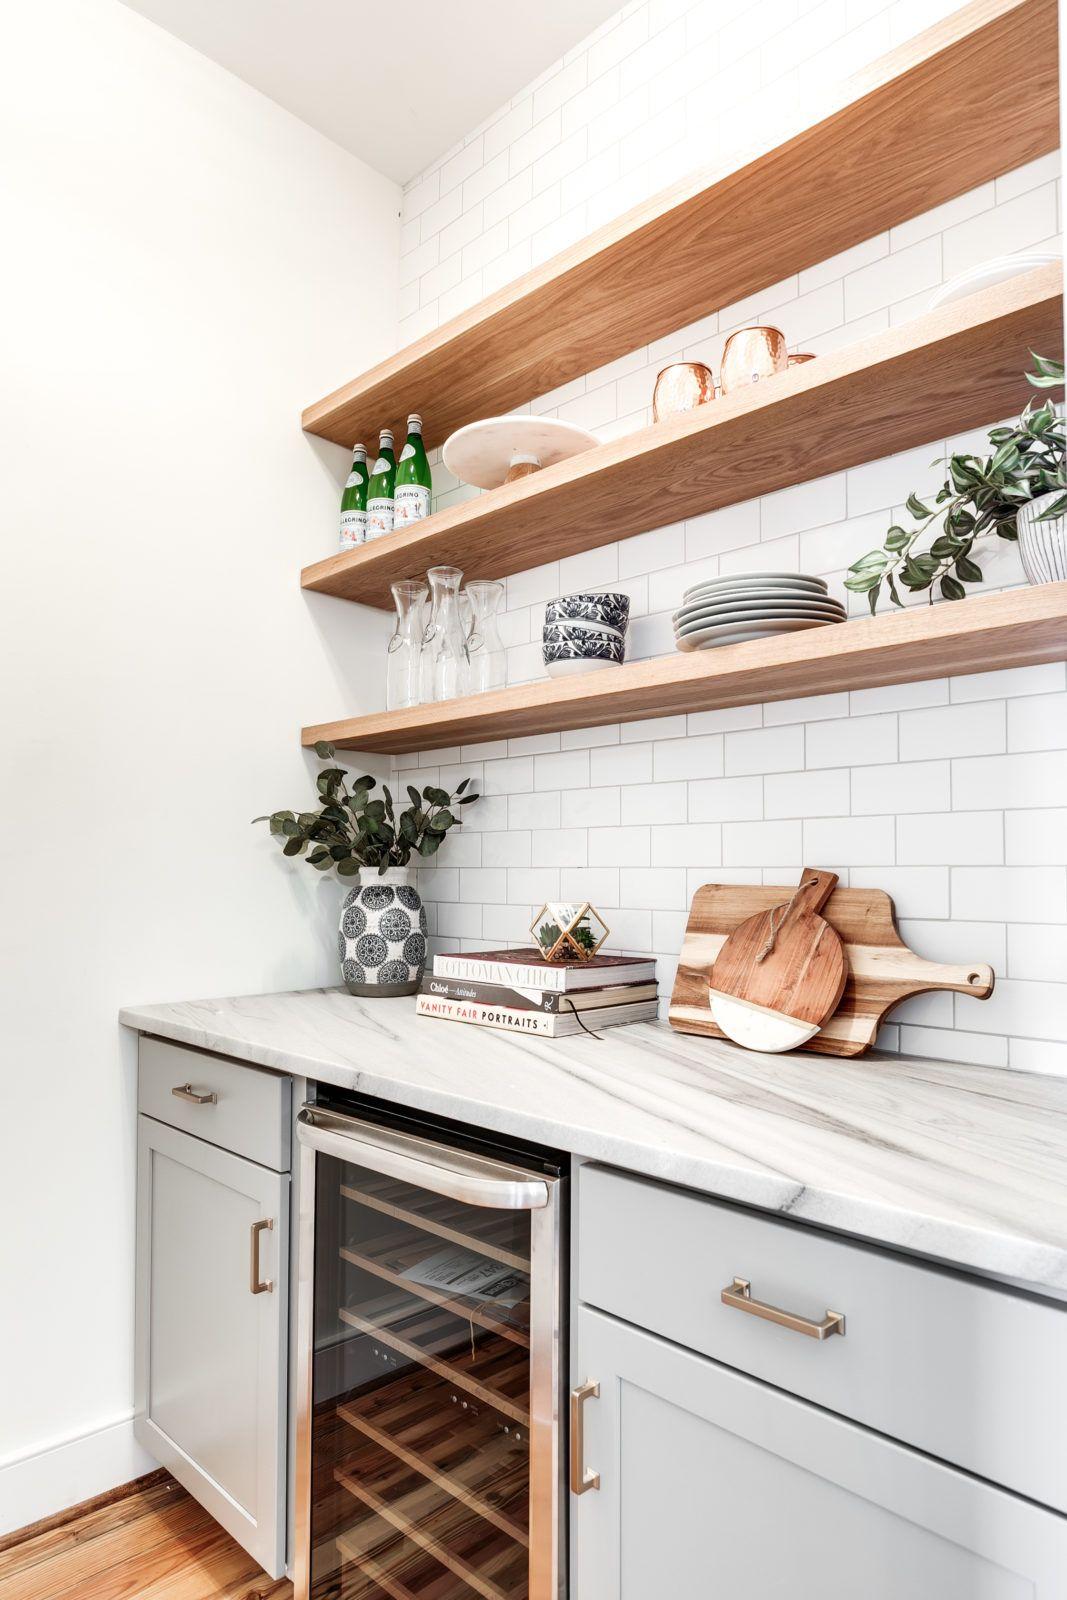 White Kitchens Built In Kitchen Shelves Wood Kitchen Shelf